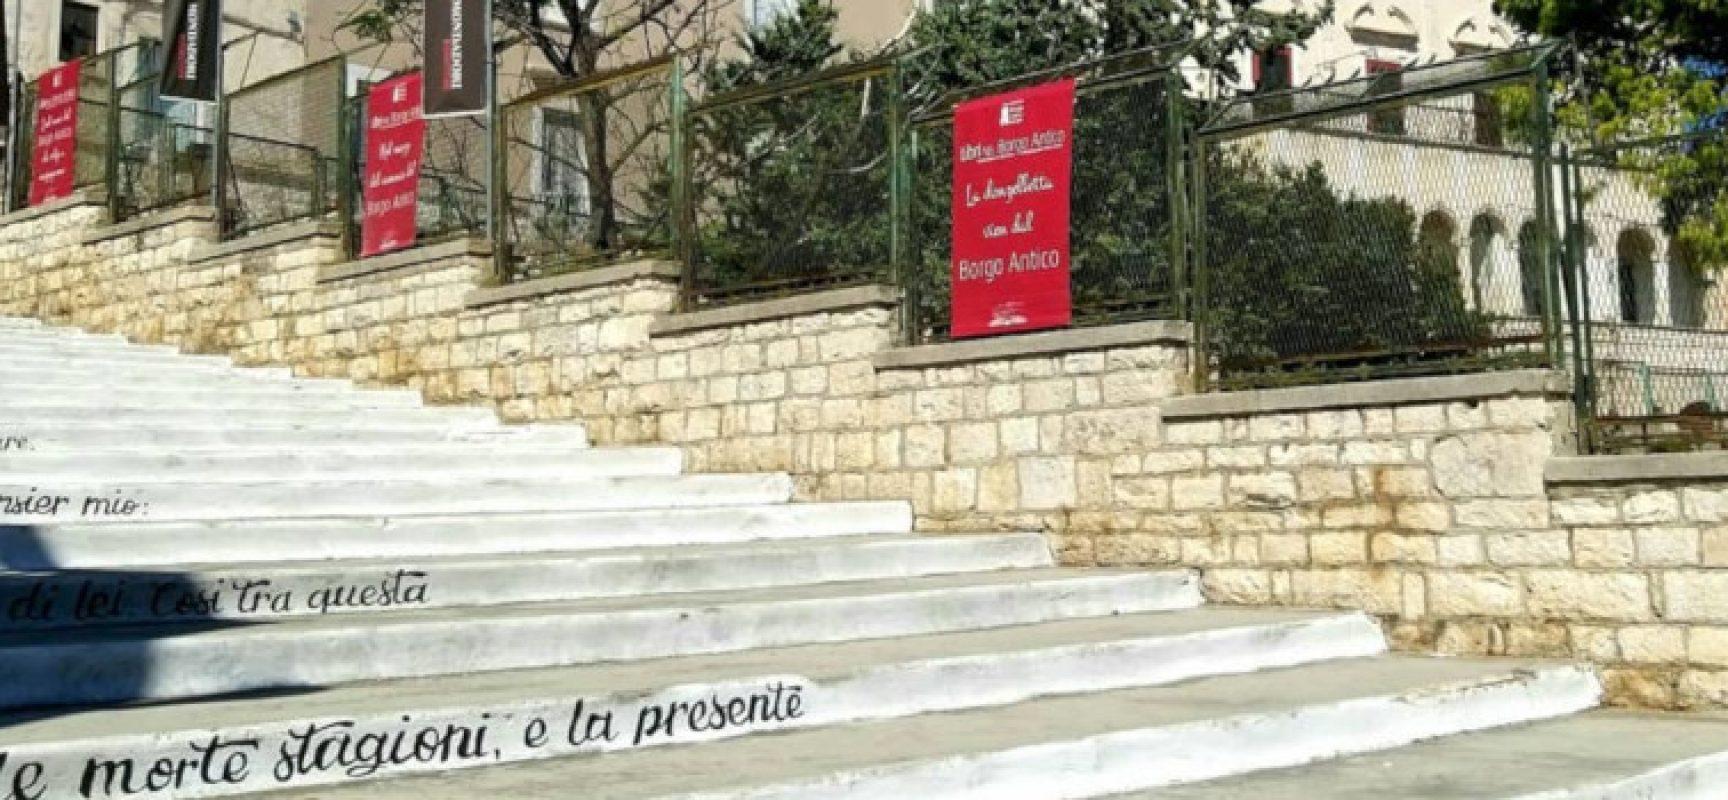 Al via la decima edizione di Libri nel Borgo Antico/ PROGRAMMA